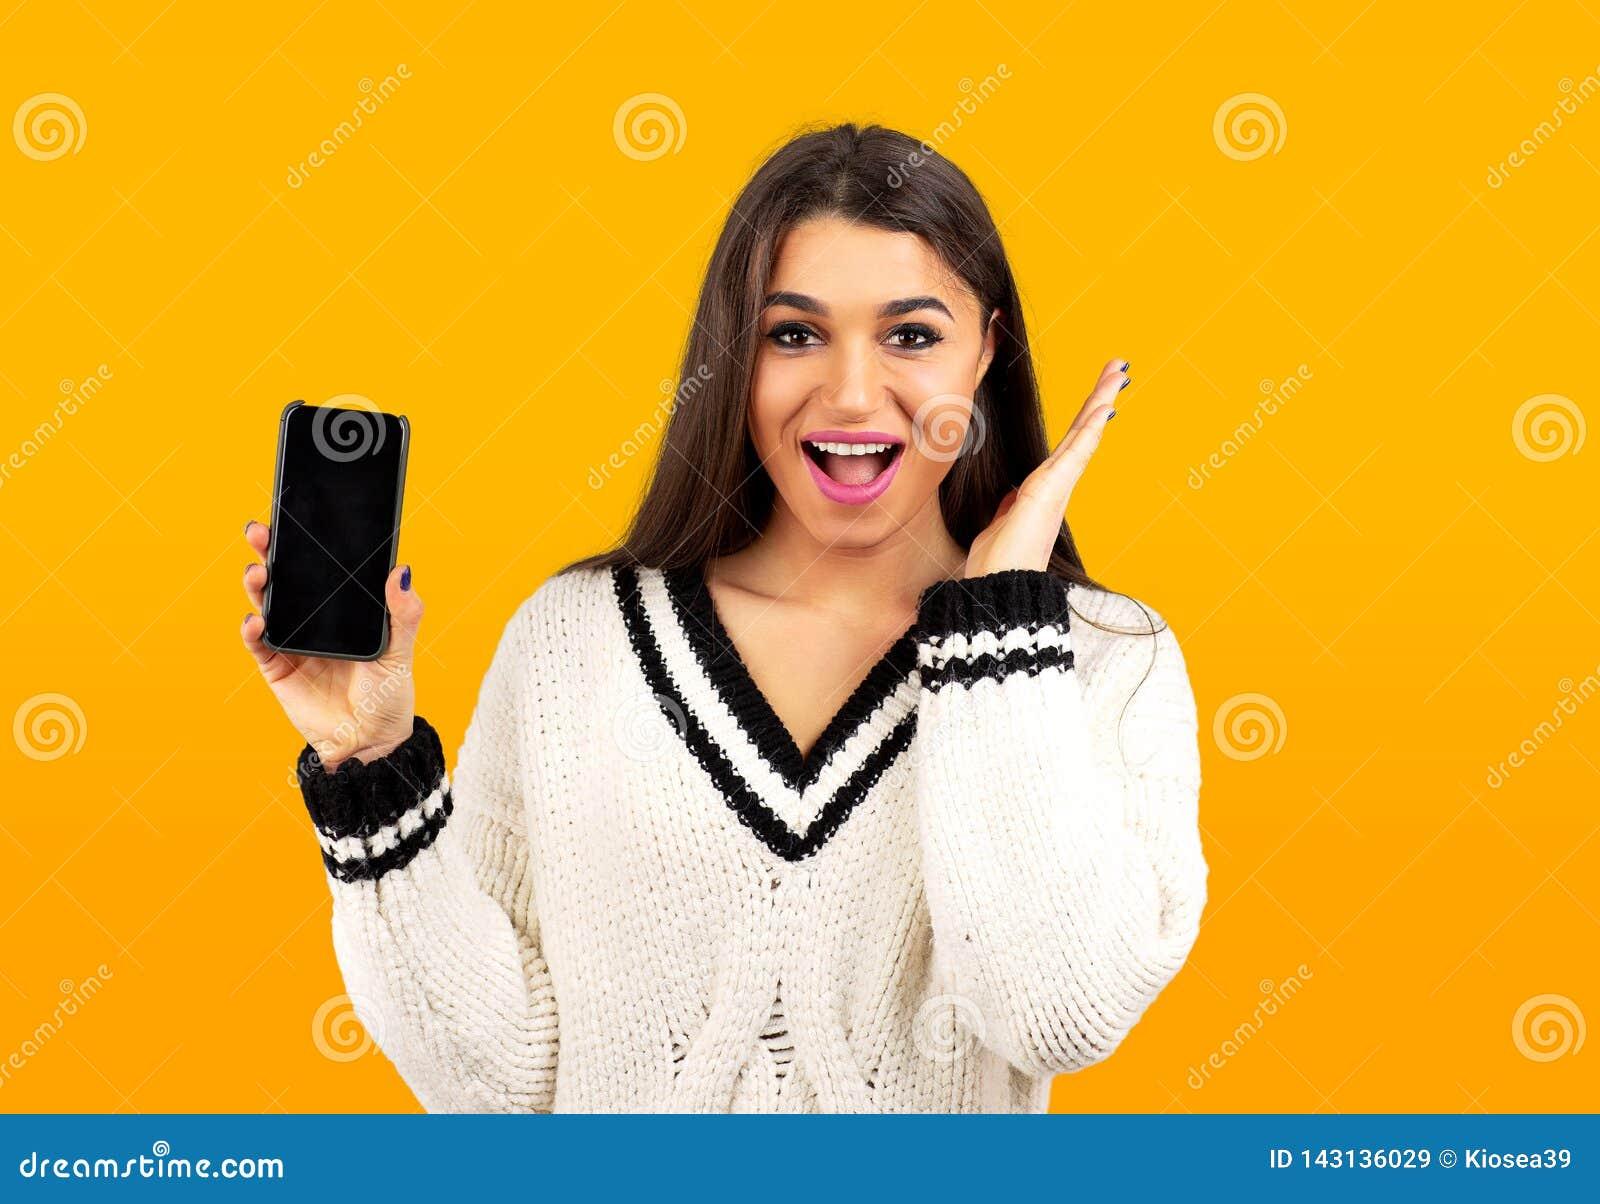 Έκπληκτη ευτυχής γυναίκα στο άσπρο πουλόβερ που παρουσιάζει νέο smartphone